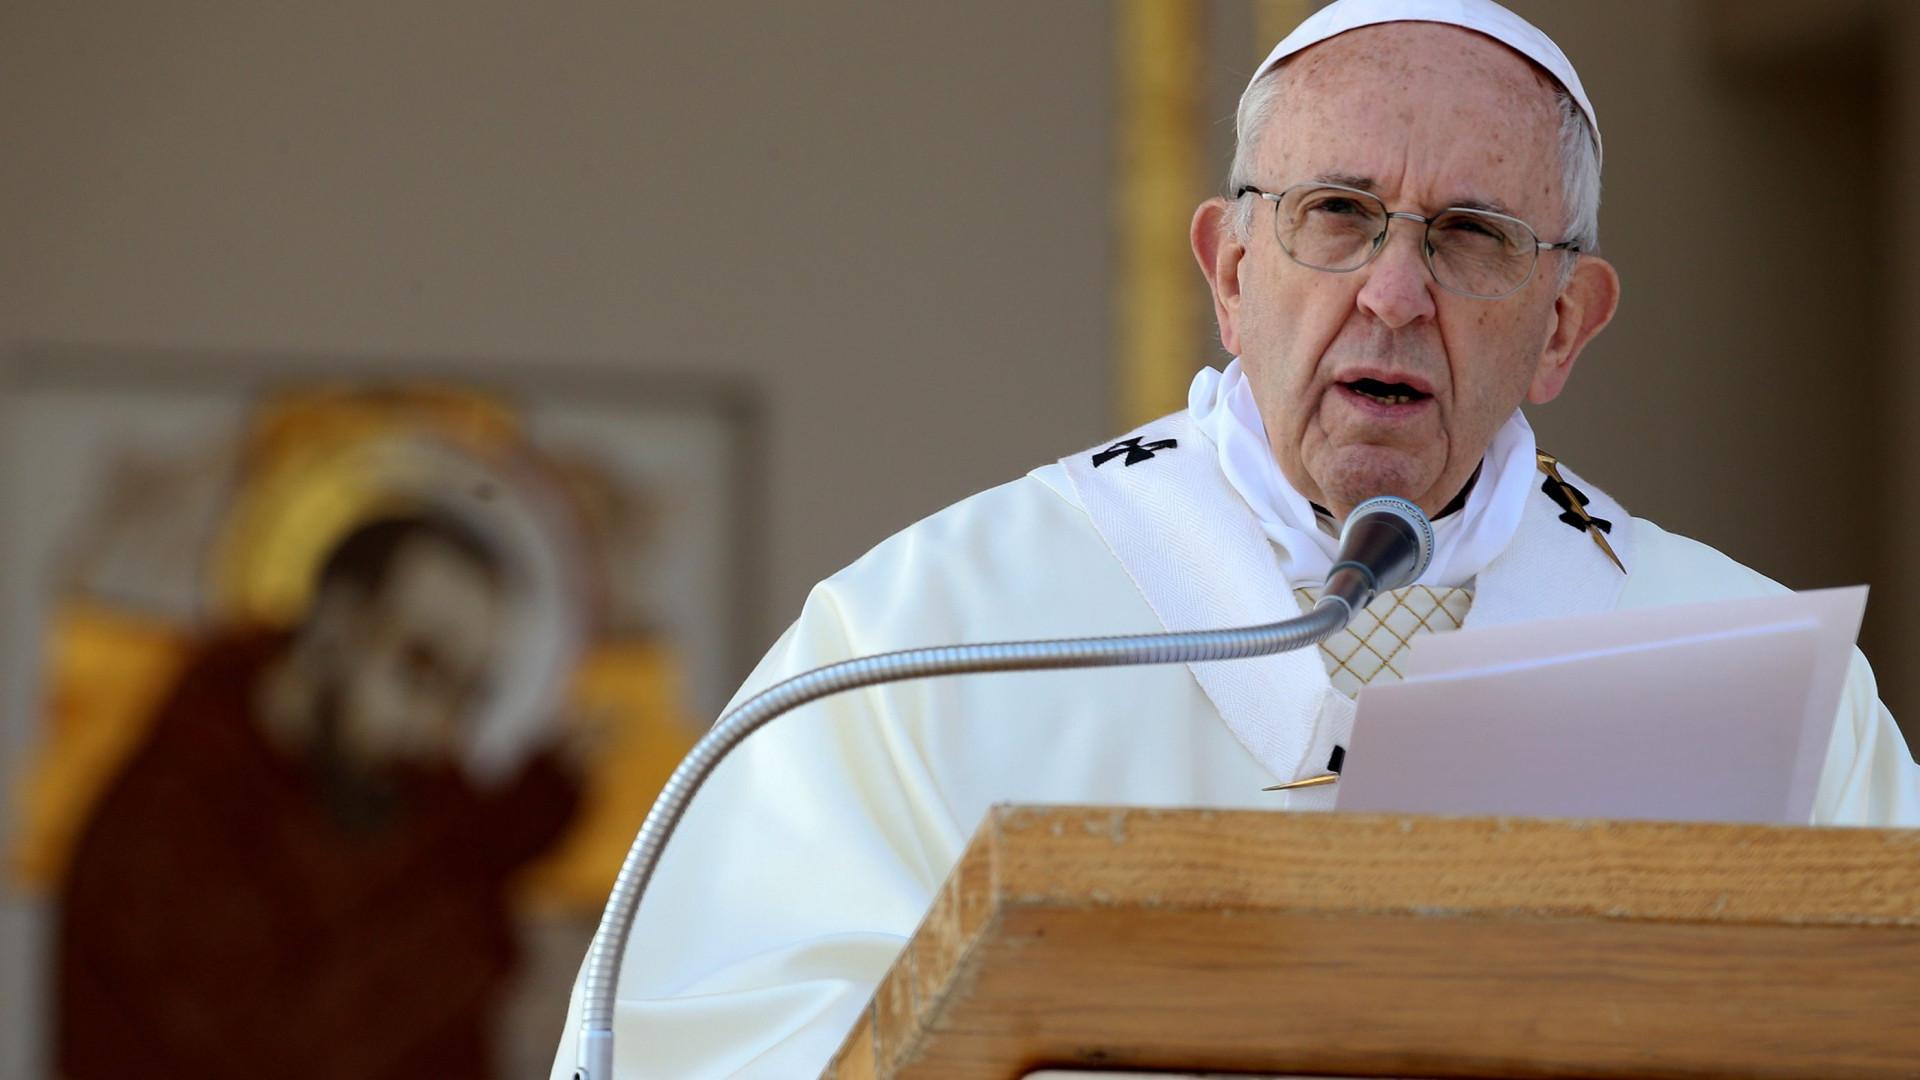 Vaticano está a preparar esclarecimentos sobre acusações contra papa